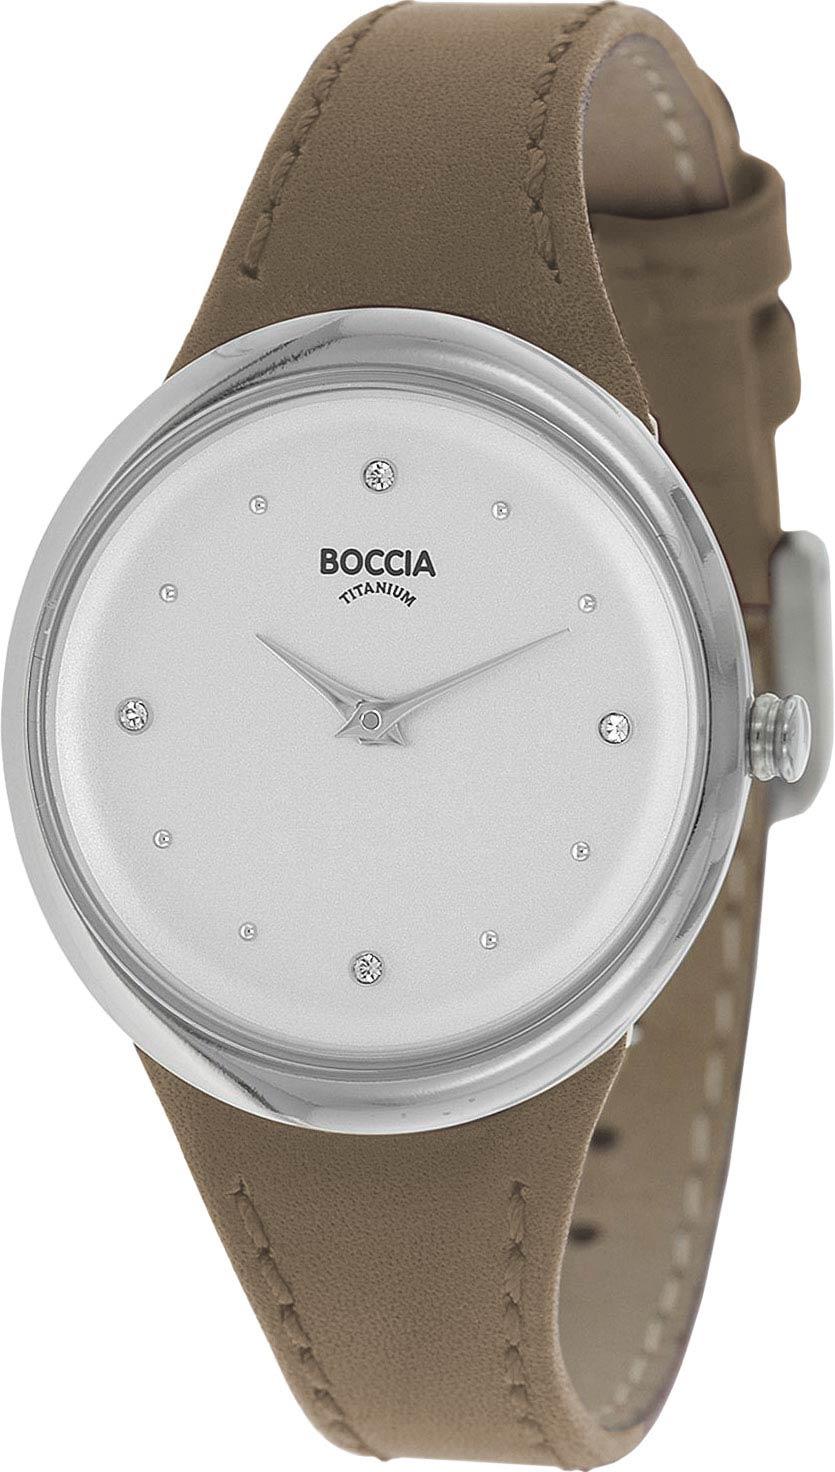 Женские часы Boccia Titanium 3276-01 все цены